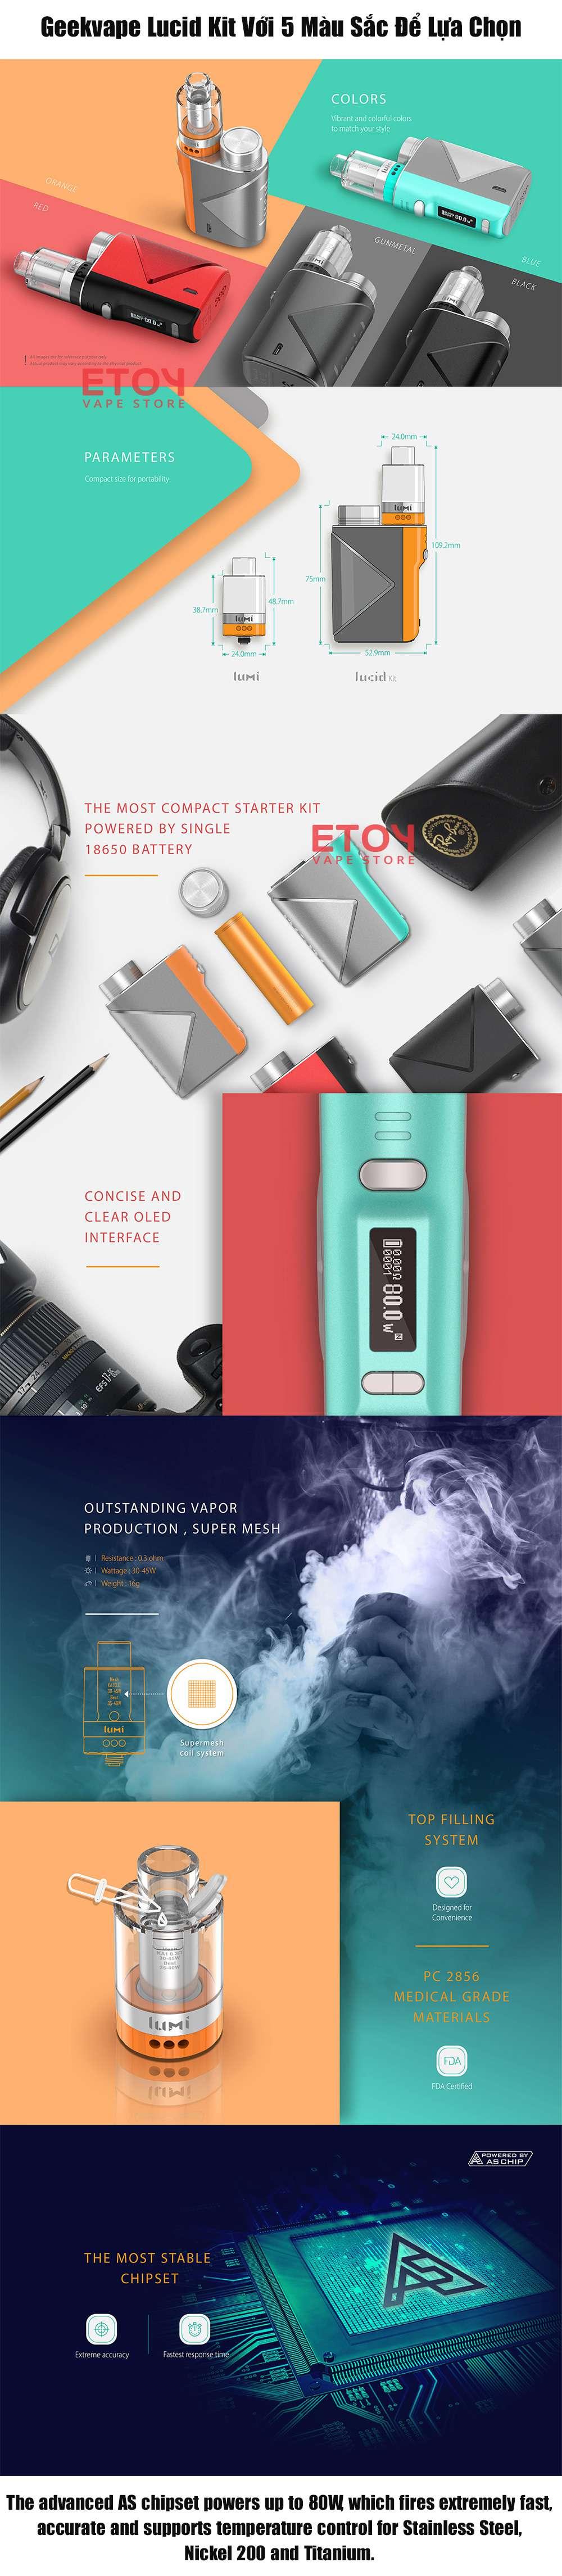 vape kit siêu khói giá rẻ lucid kit